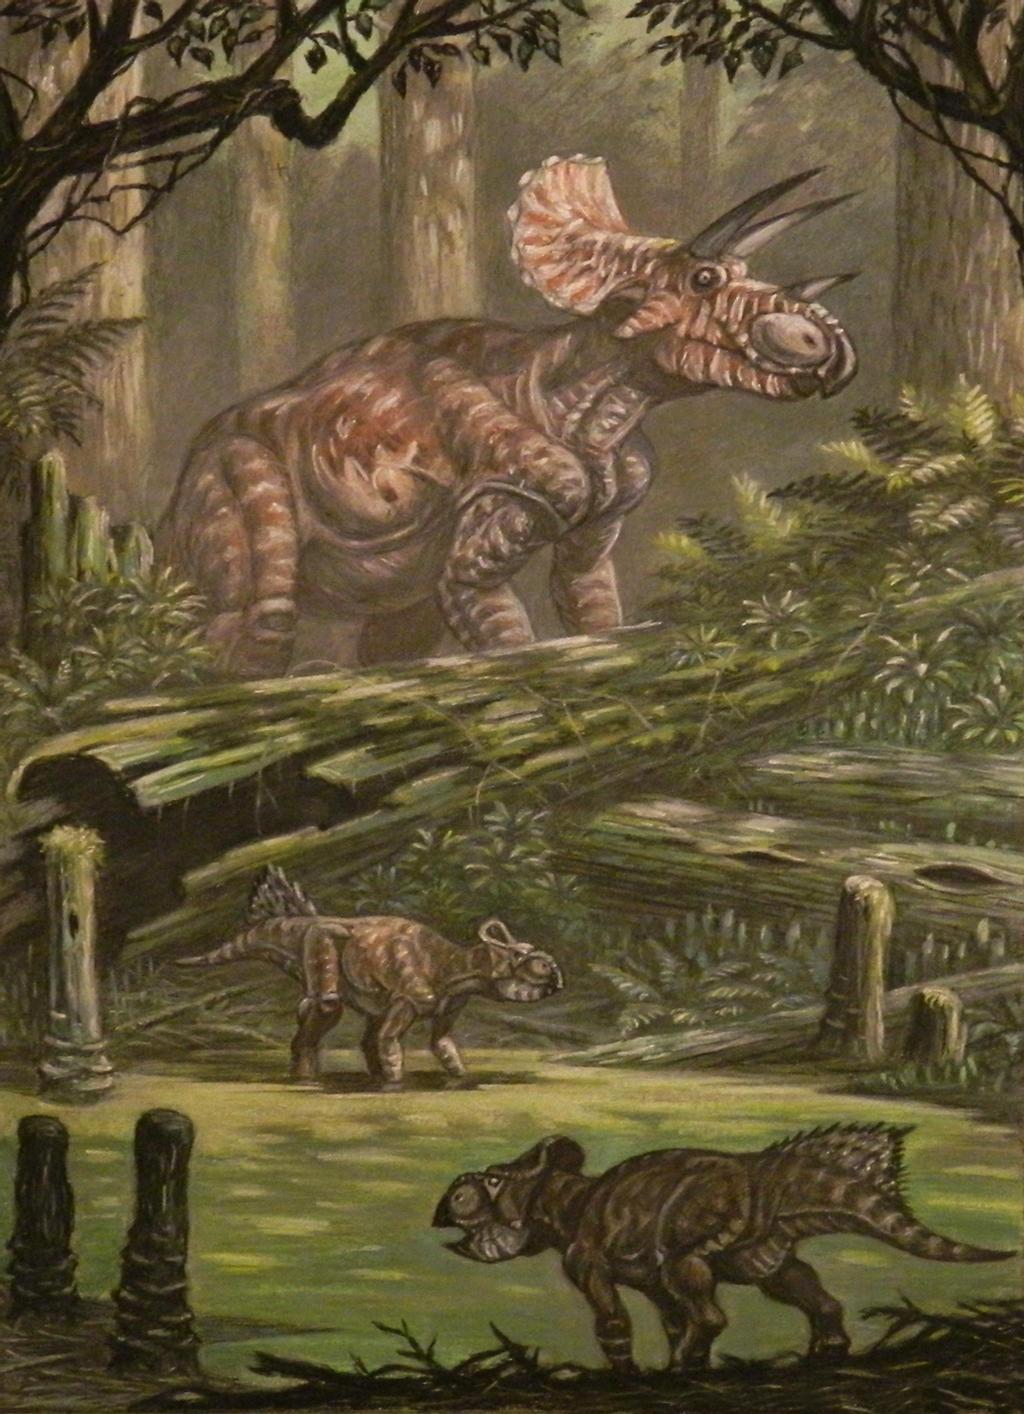 """Triceratops horridus patřil mezi poslední žijící neptačí dinosaury. Svědčí o tom také údajné otisky kůže skvěle zachované """"mumie"""" tohoto rohatého dinosaura, objevené přímo na lokalitě """"Tanis"""". Spolu s menšími leptoceratopsy (zde v popředí obrázku) se"""